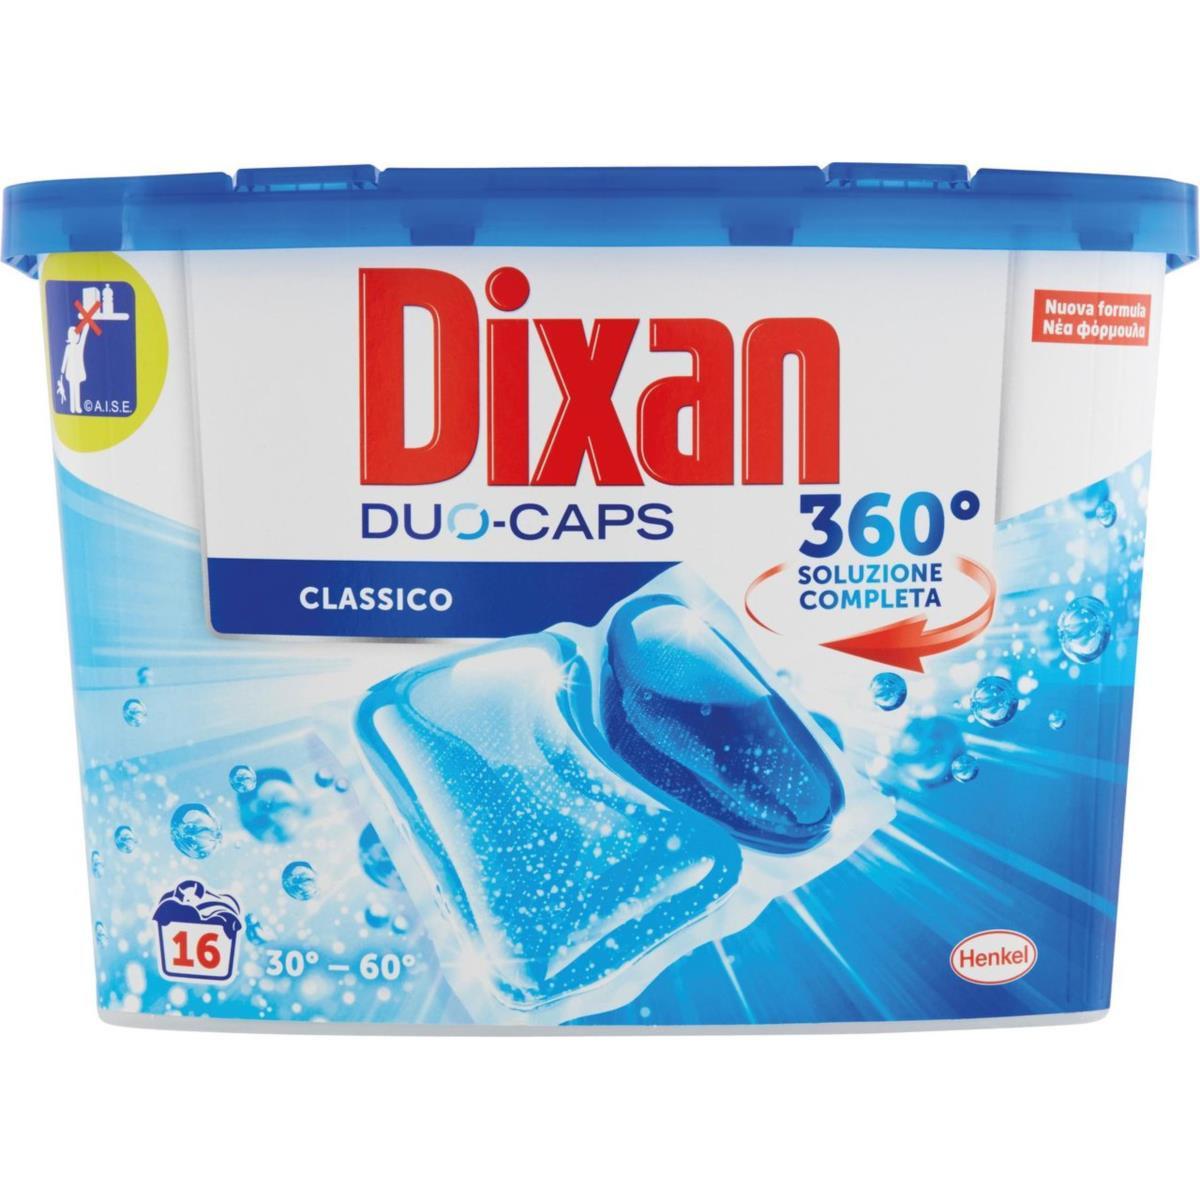 Dixan Duo-Caps Classico 16 lavaggi